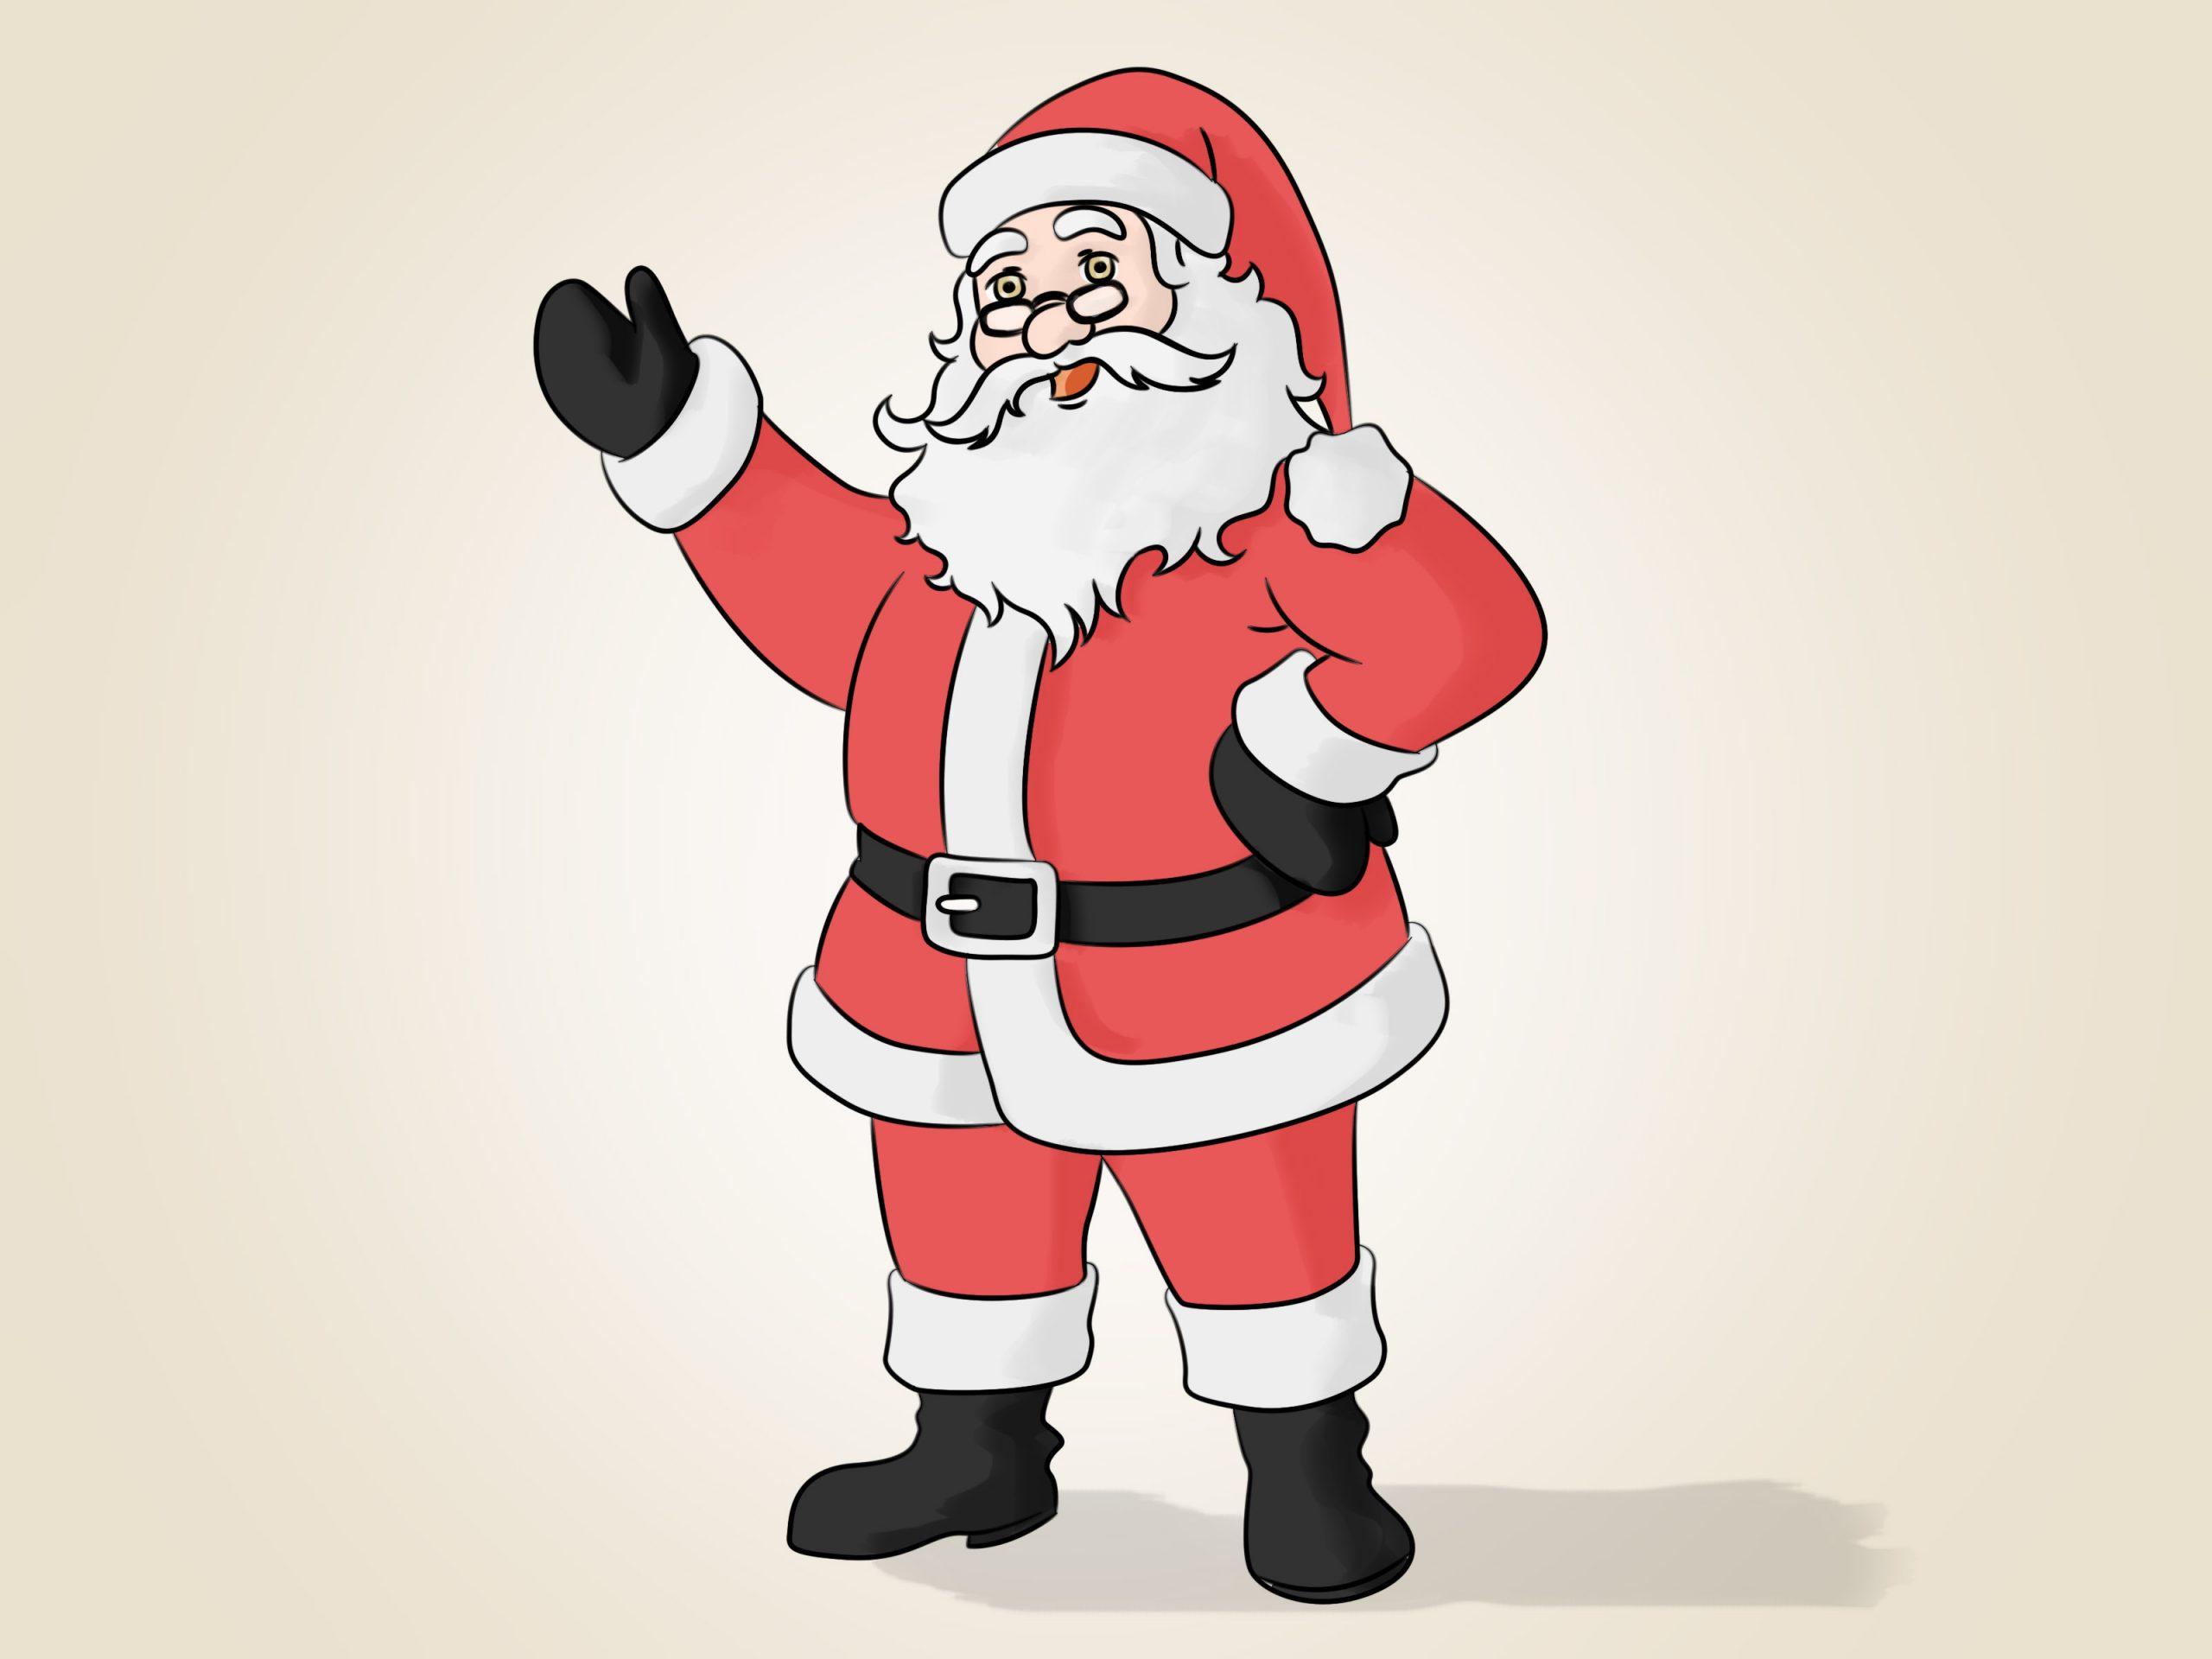 Den Weihnachtsmann Malen: 14 Schritte (Mit Bildern) – Wikihow bei Weihnachtsmann Malen